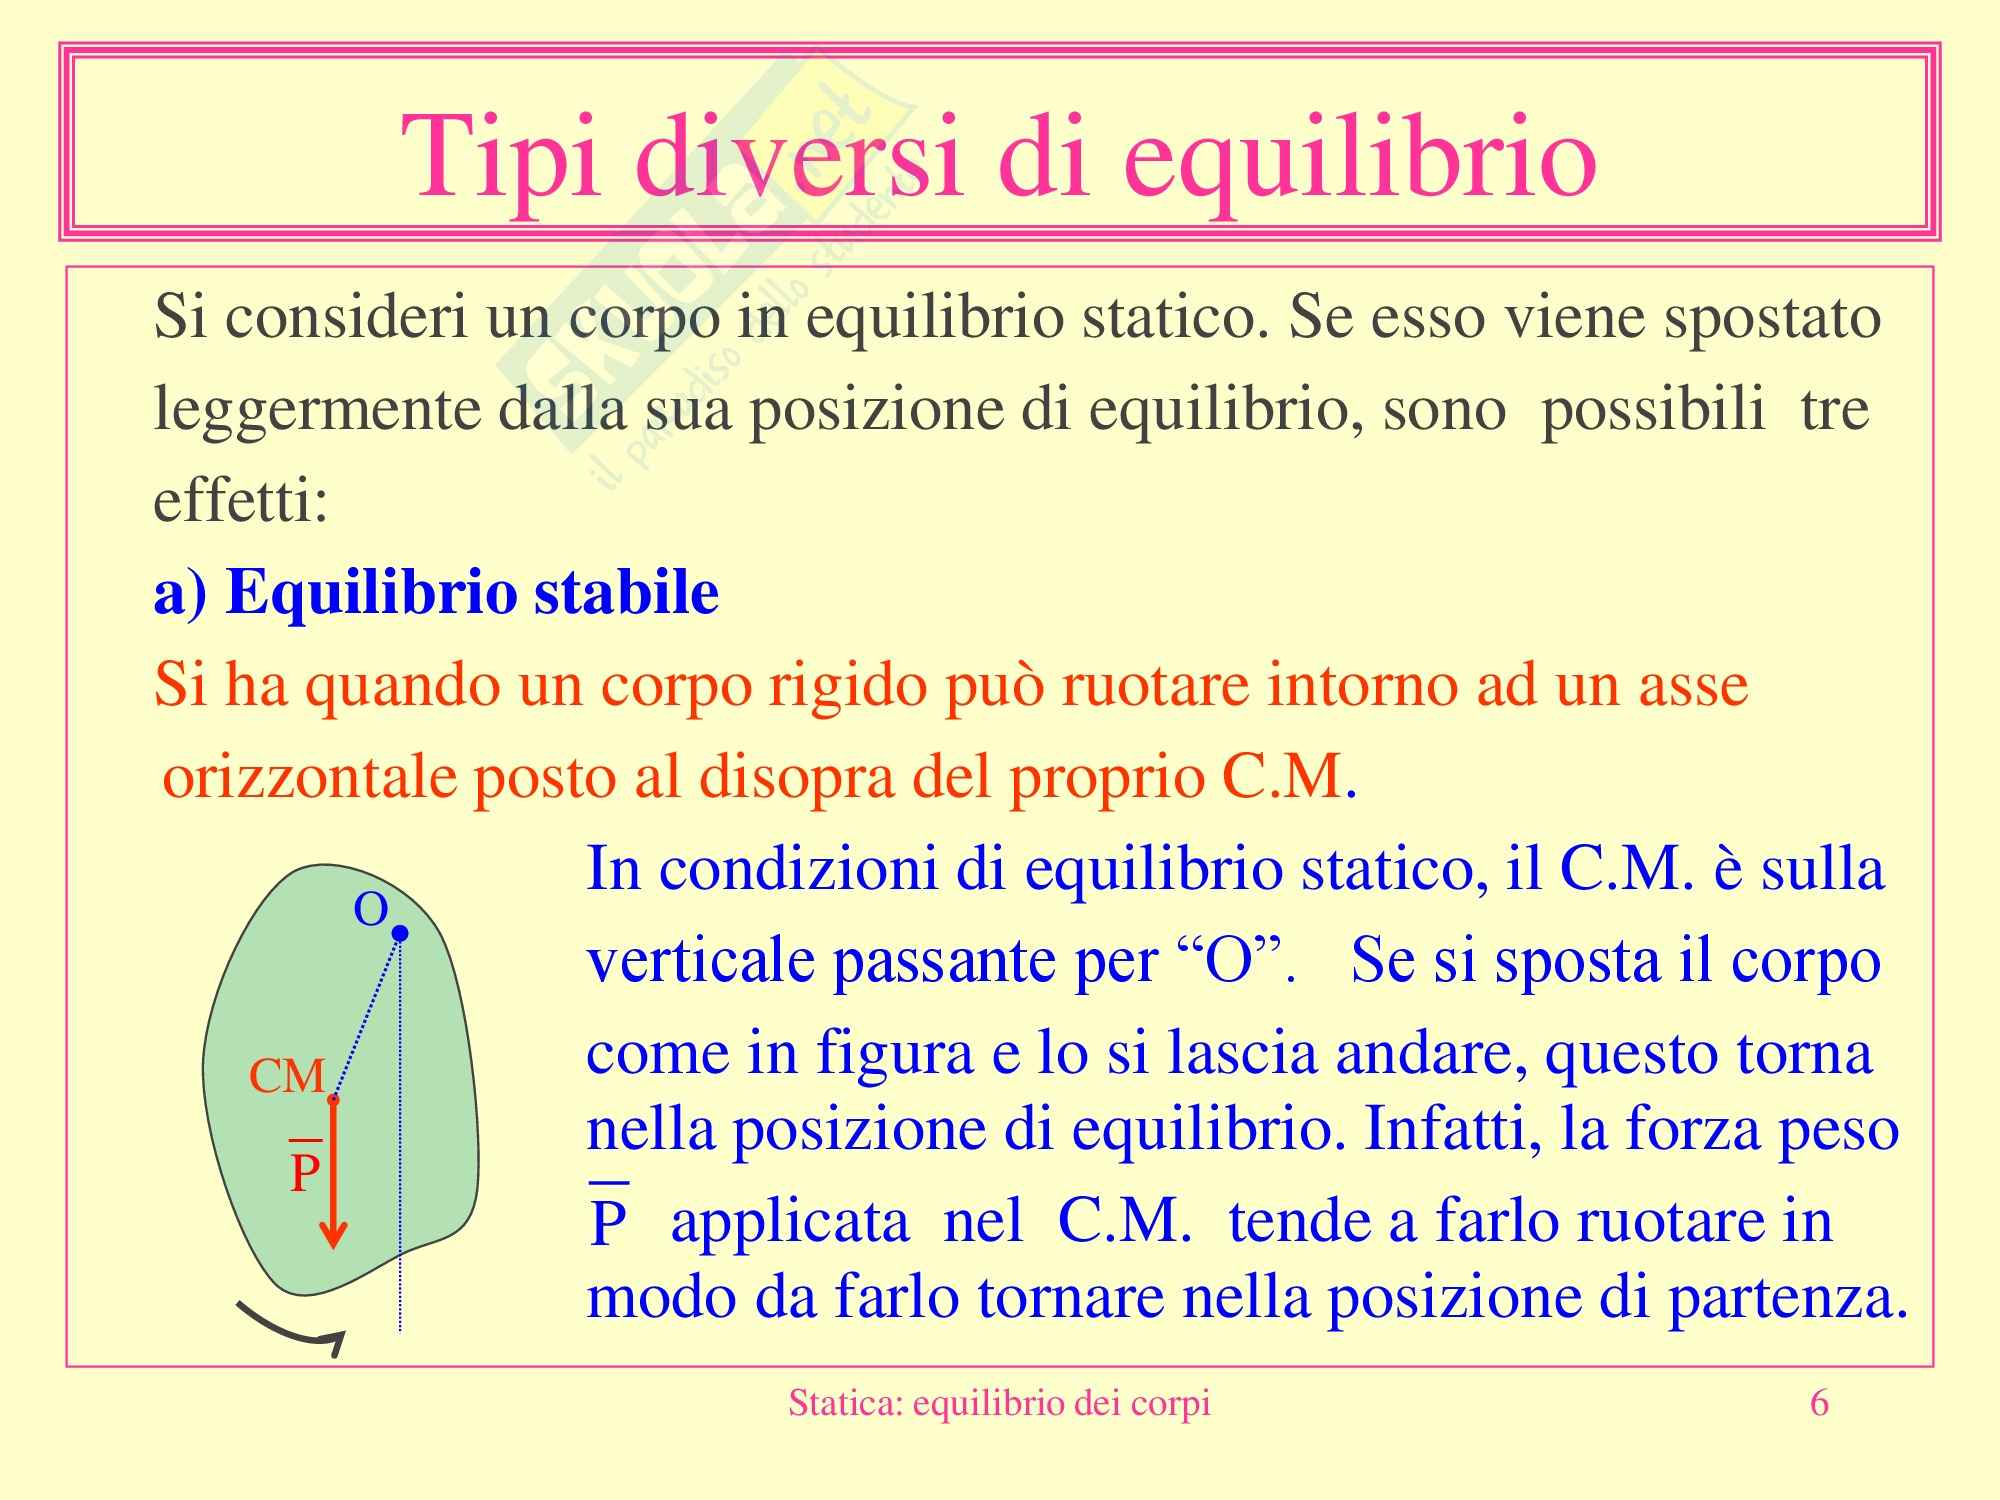 Fisica medica - statica equilibrio dei corpi Pag. 6